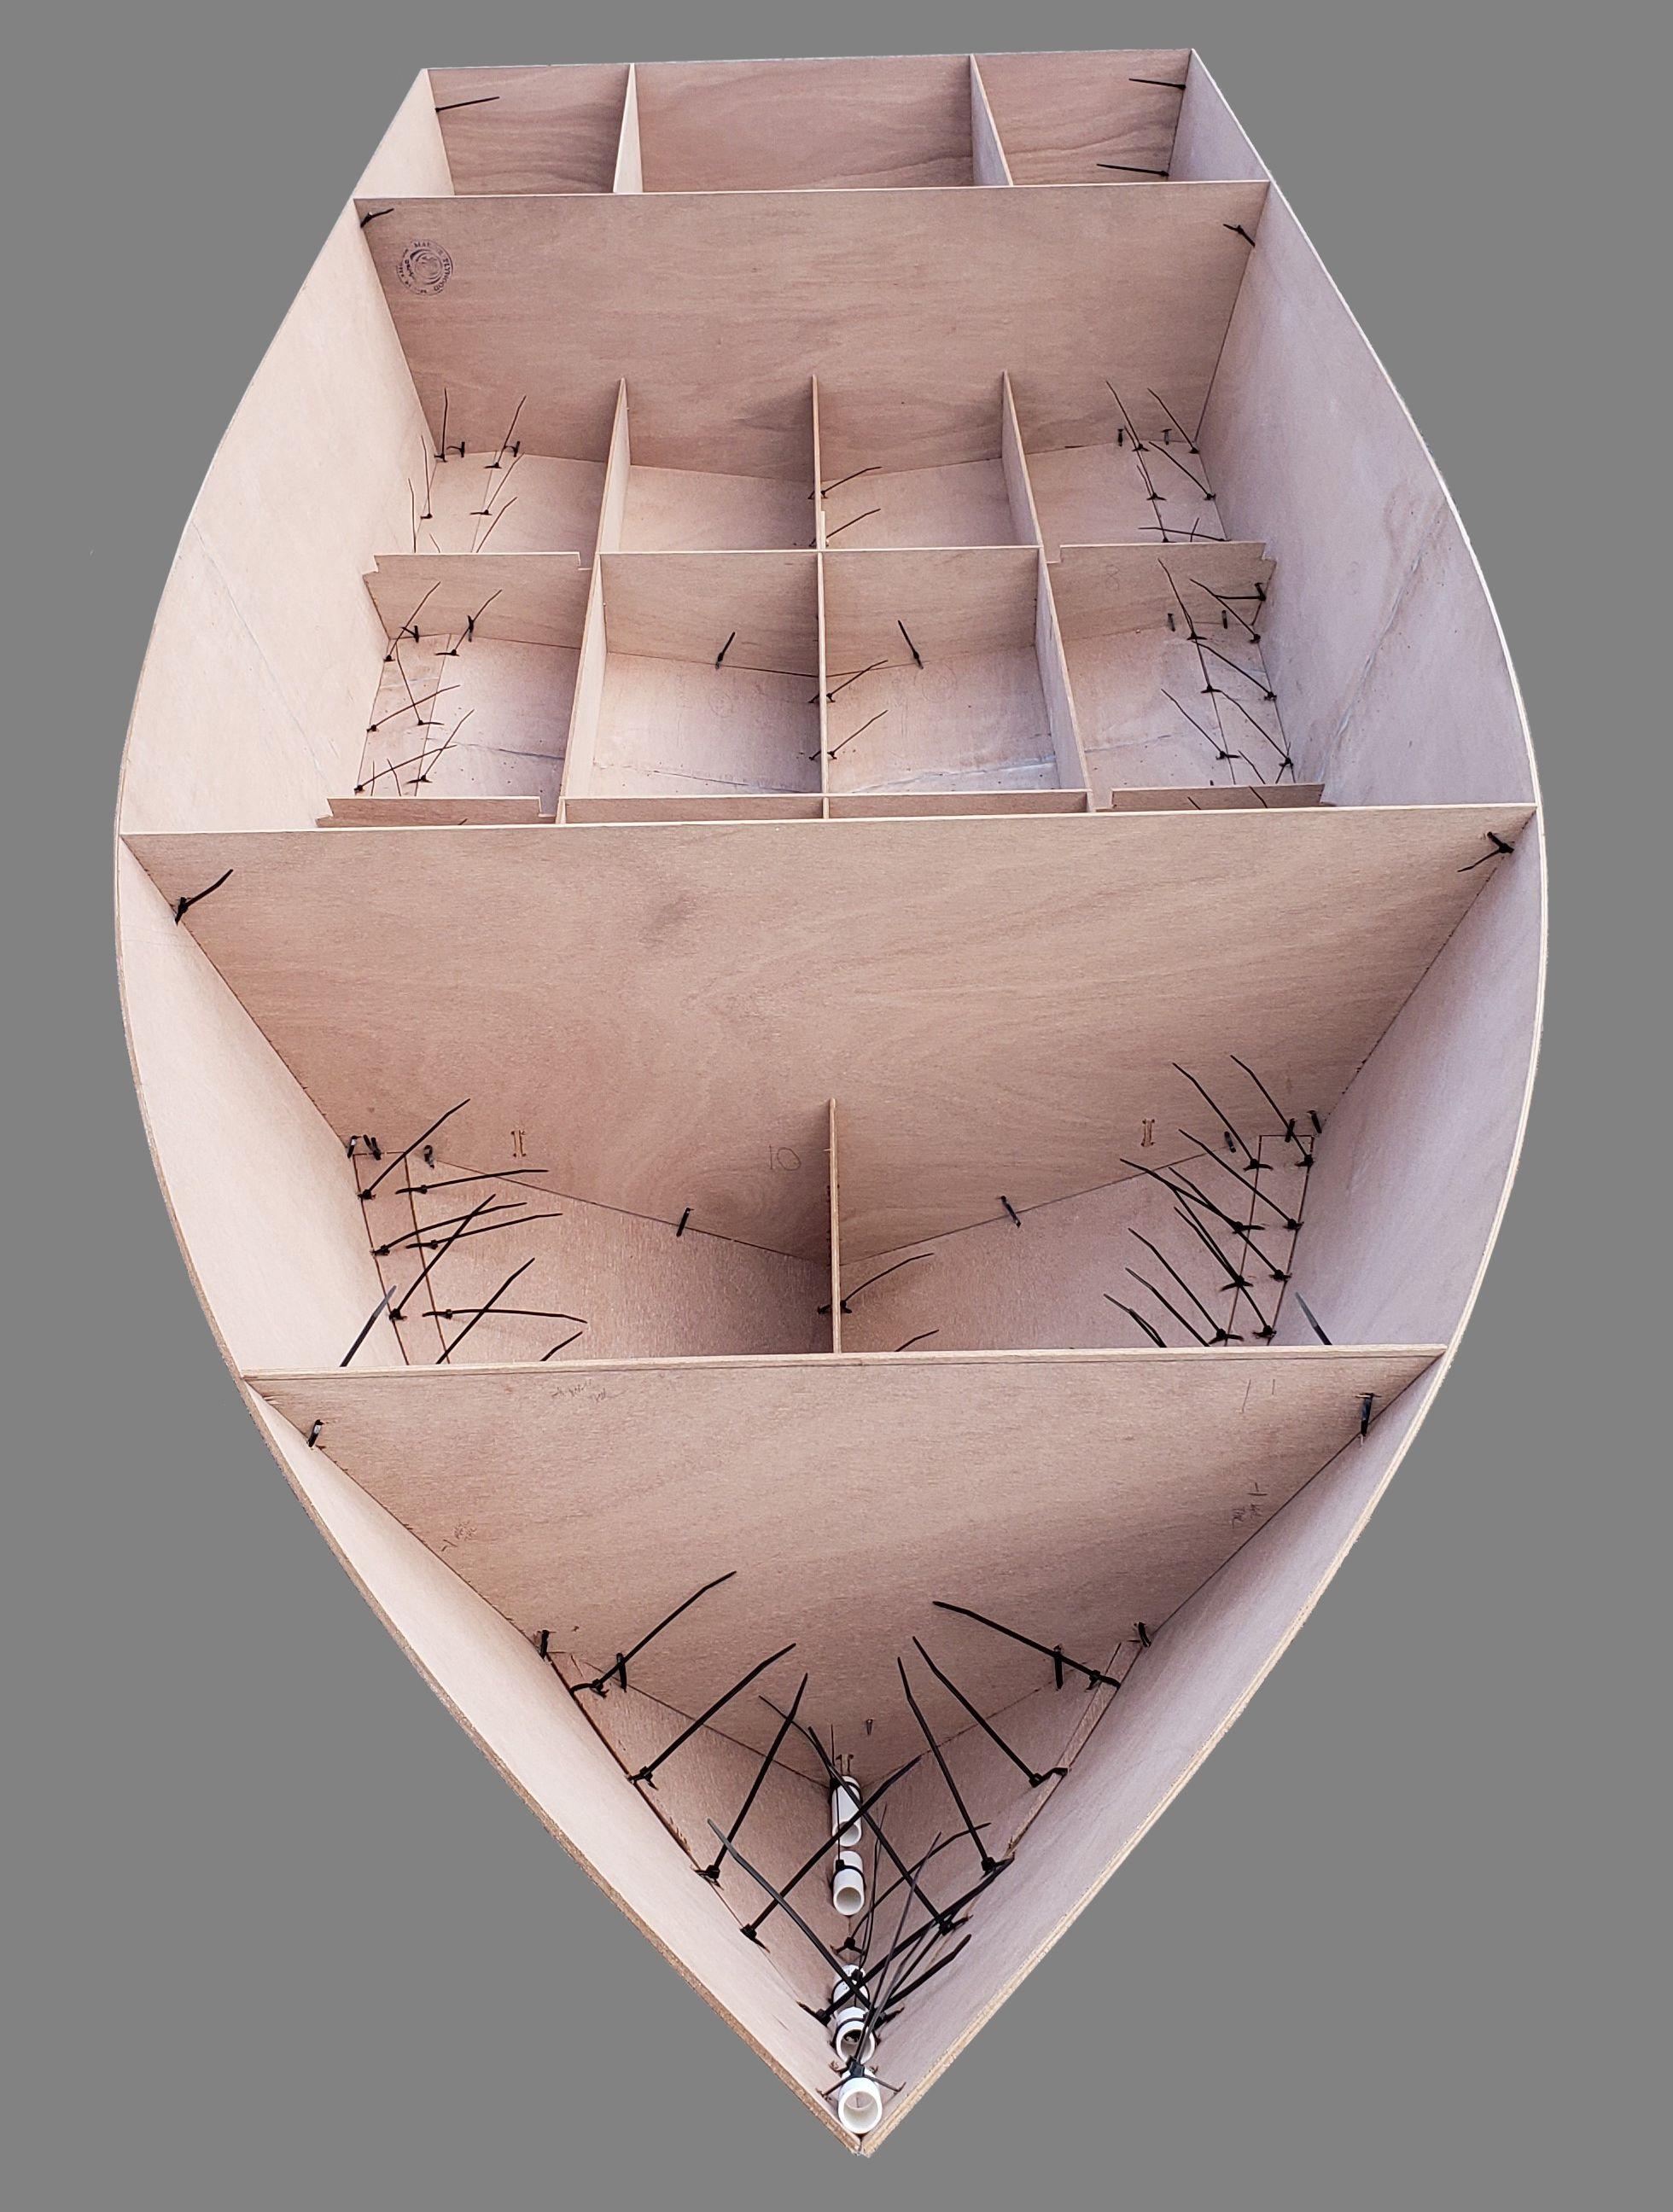 Flats River Skiff 15 Build Your Own Flats Skiff Salt Boatworks Boat Plans Wooden Boat Plans Boat Building